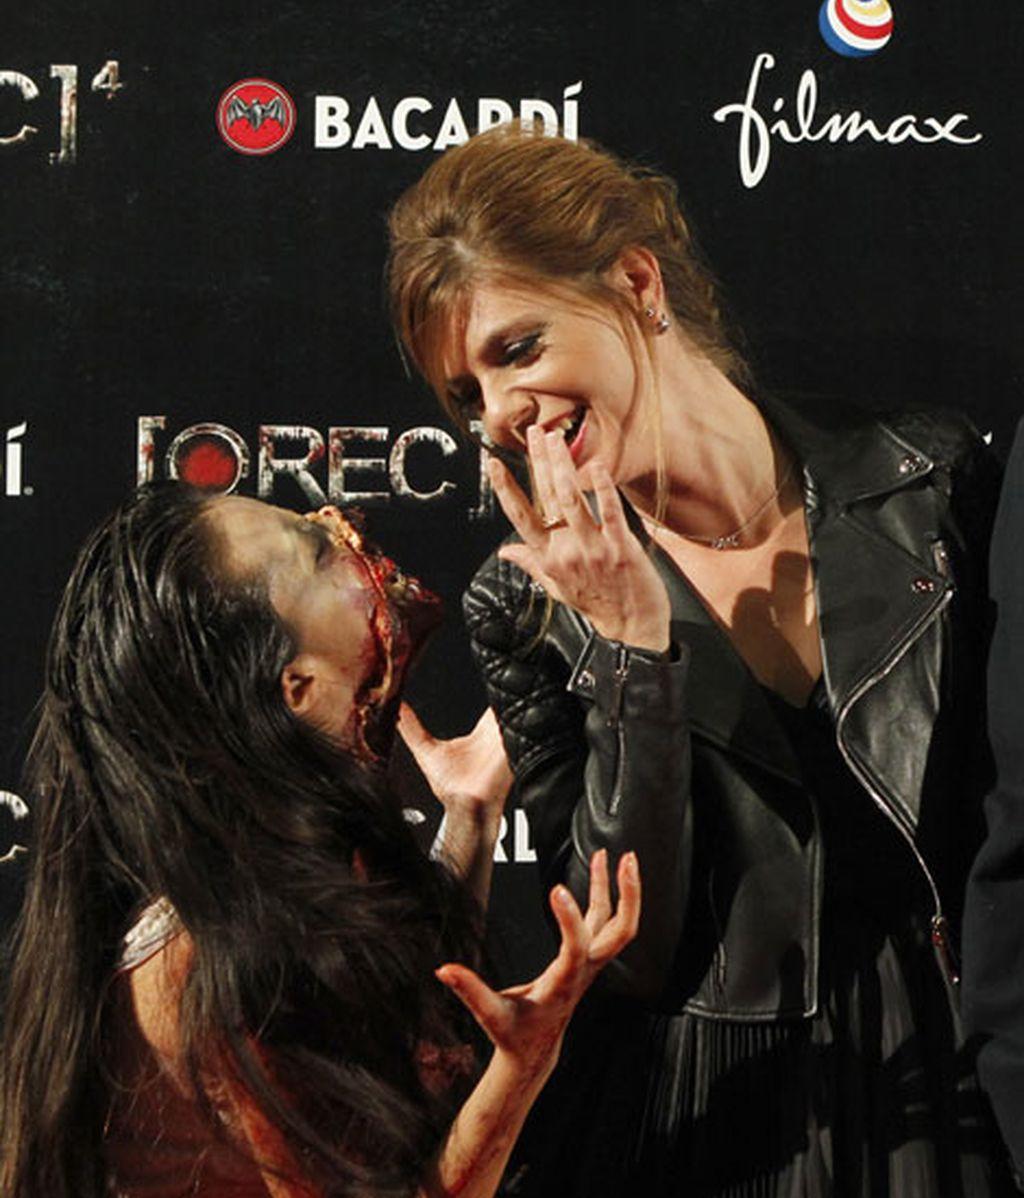 La cuarta entrega de la saga de terror se estrena en cines el  31 de octubre